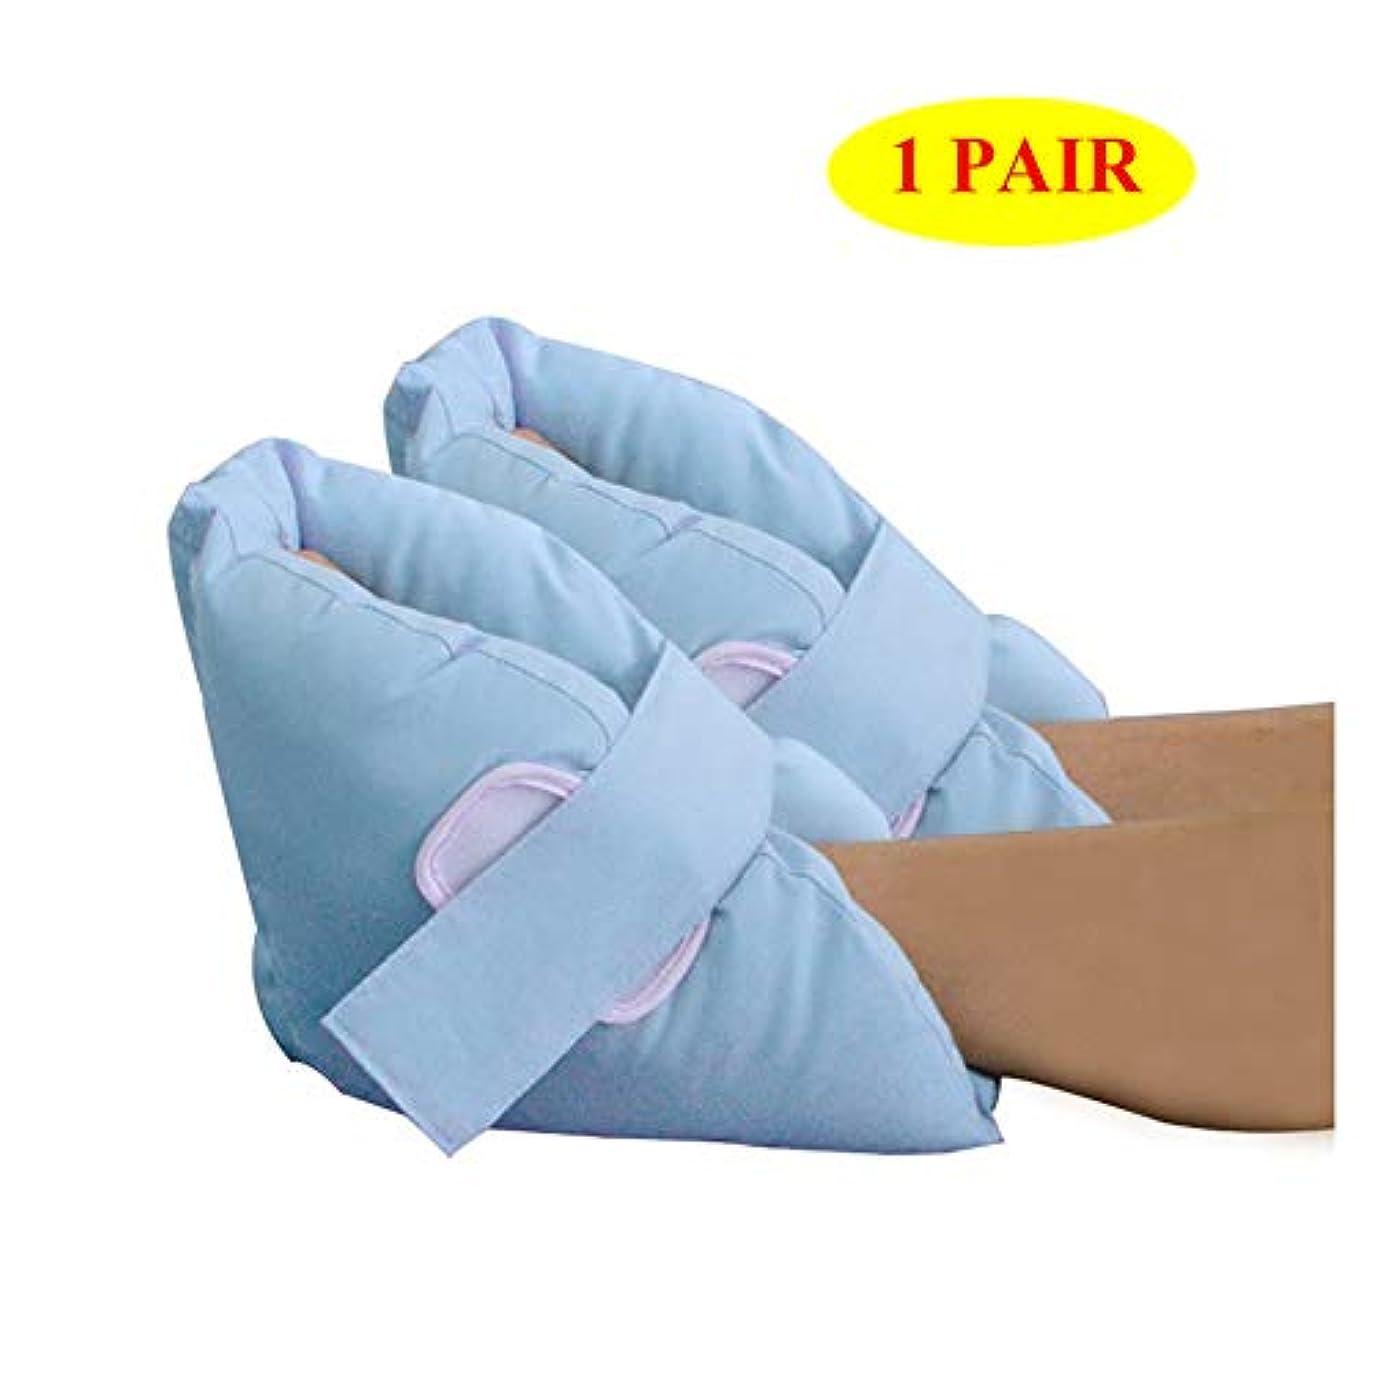 引き渡す不振科学ヒールクッションプロテクター1ペア - ベッド&褥瘡 足と足首の枕 - パッドガード - 足の保護、かかと -